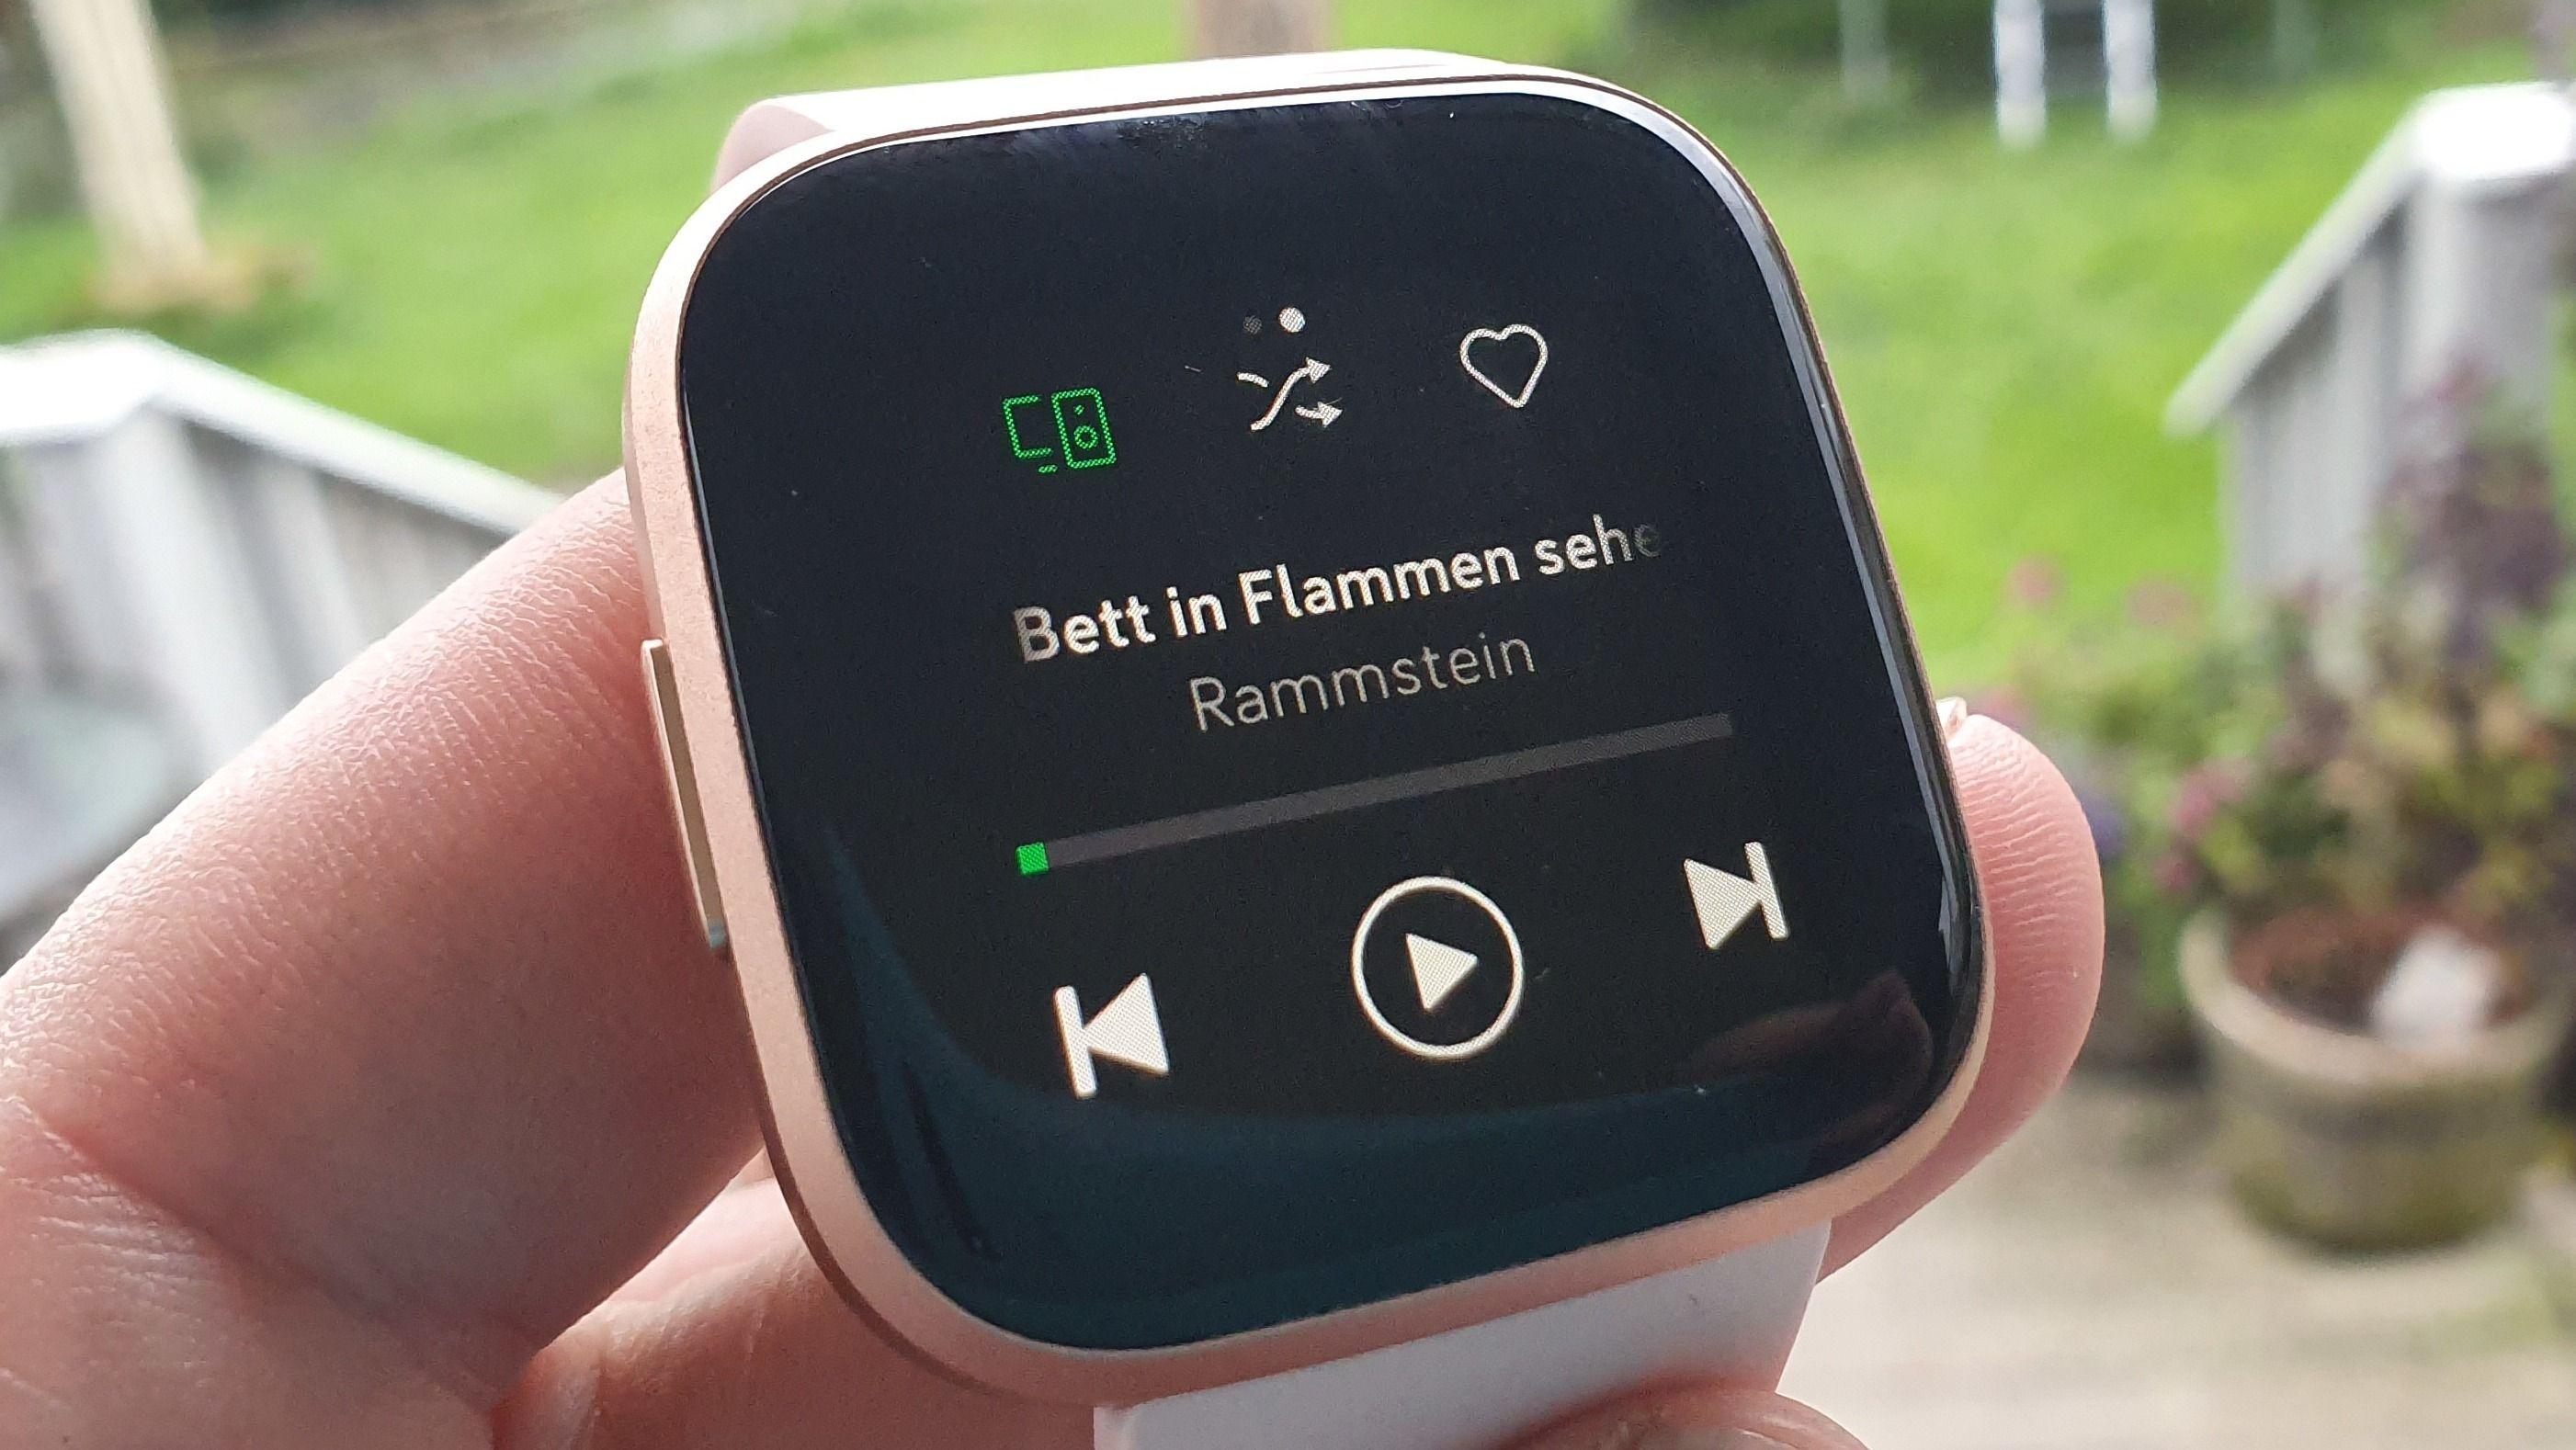 Spotify-appen lar deg gjøre enkle operasjoner når klokken er koblet til samme hjemmenettverk som smarthøyttaleren din.